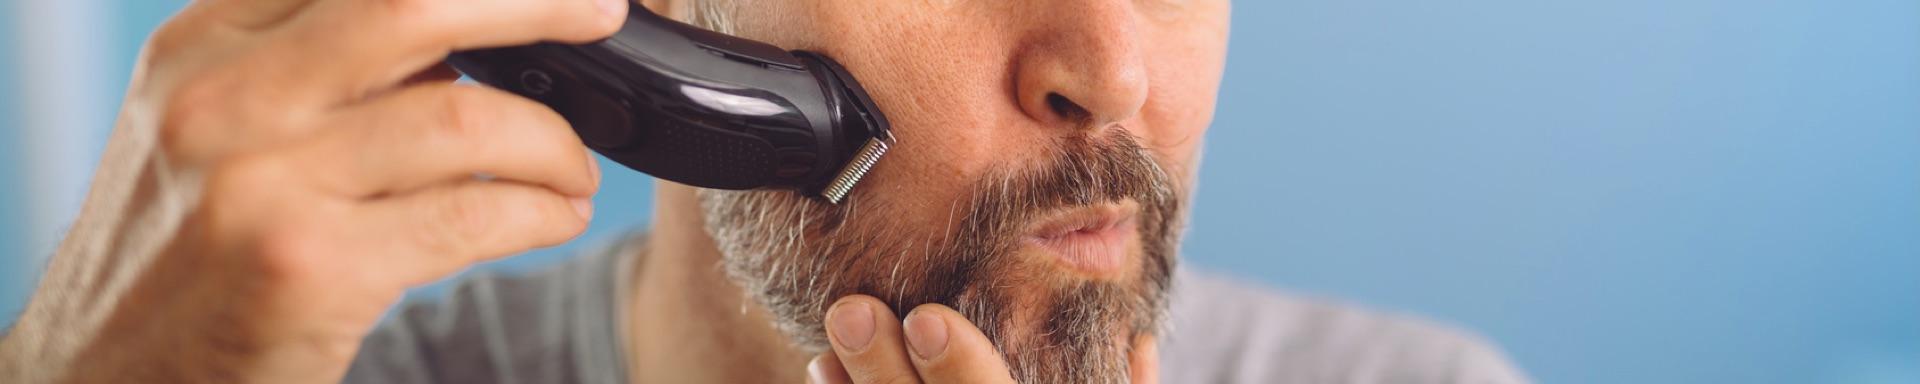 Maszynki do włosów i trymery